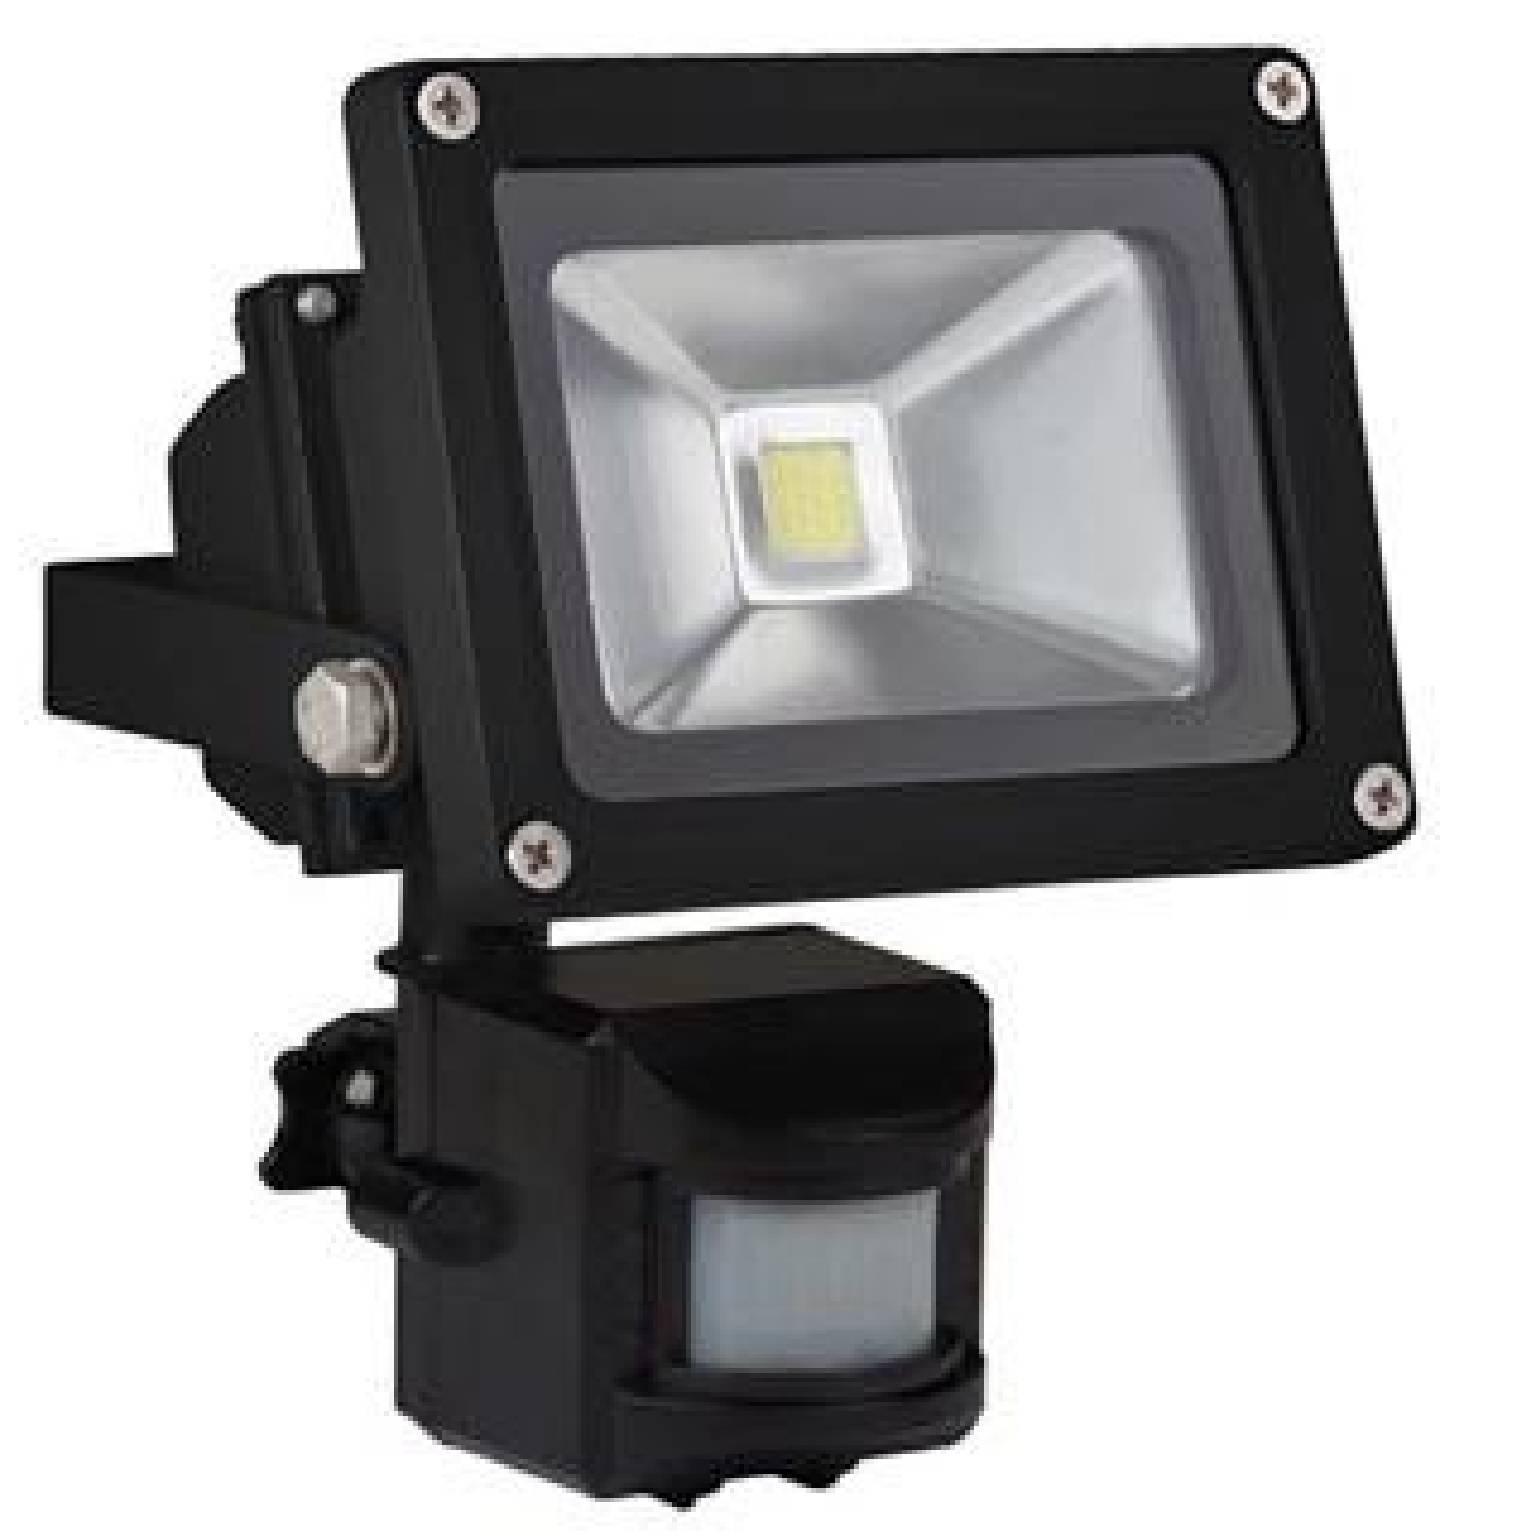 Image of Led-schijnwerper Voor Buitenshuis Met Pir-sensor - 30 W Epistar Chip - 3000 K